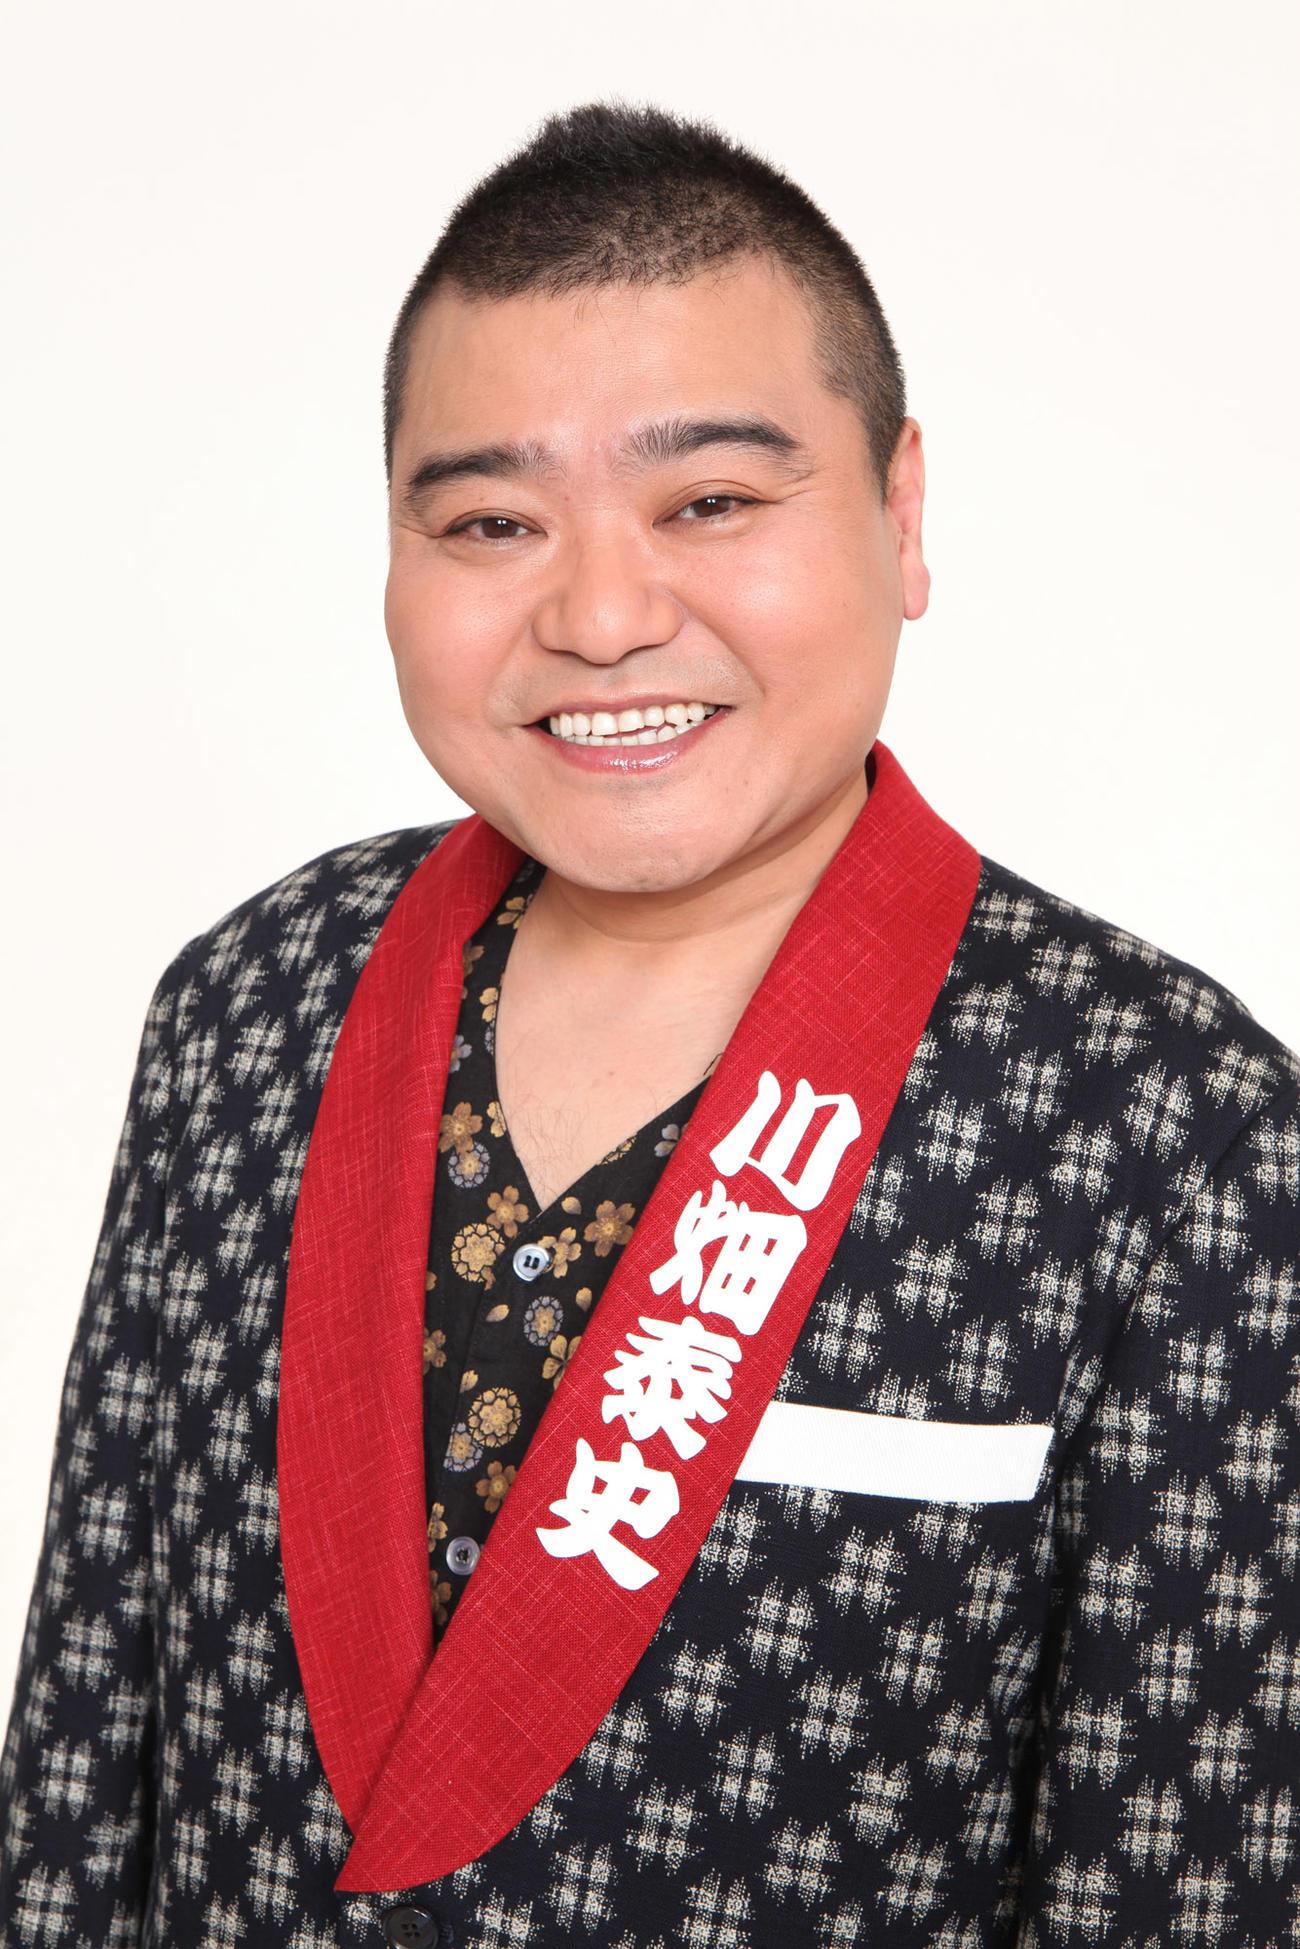 約4カ月半ぶりに再開する吉本新喜劇に出演する座長の川畑泰史